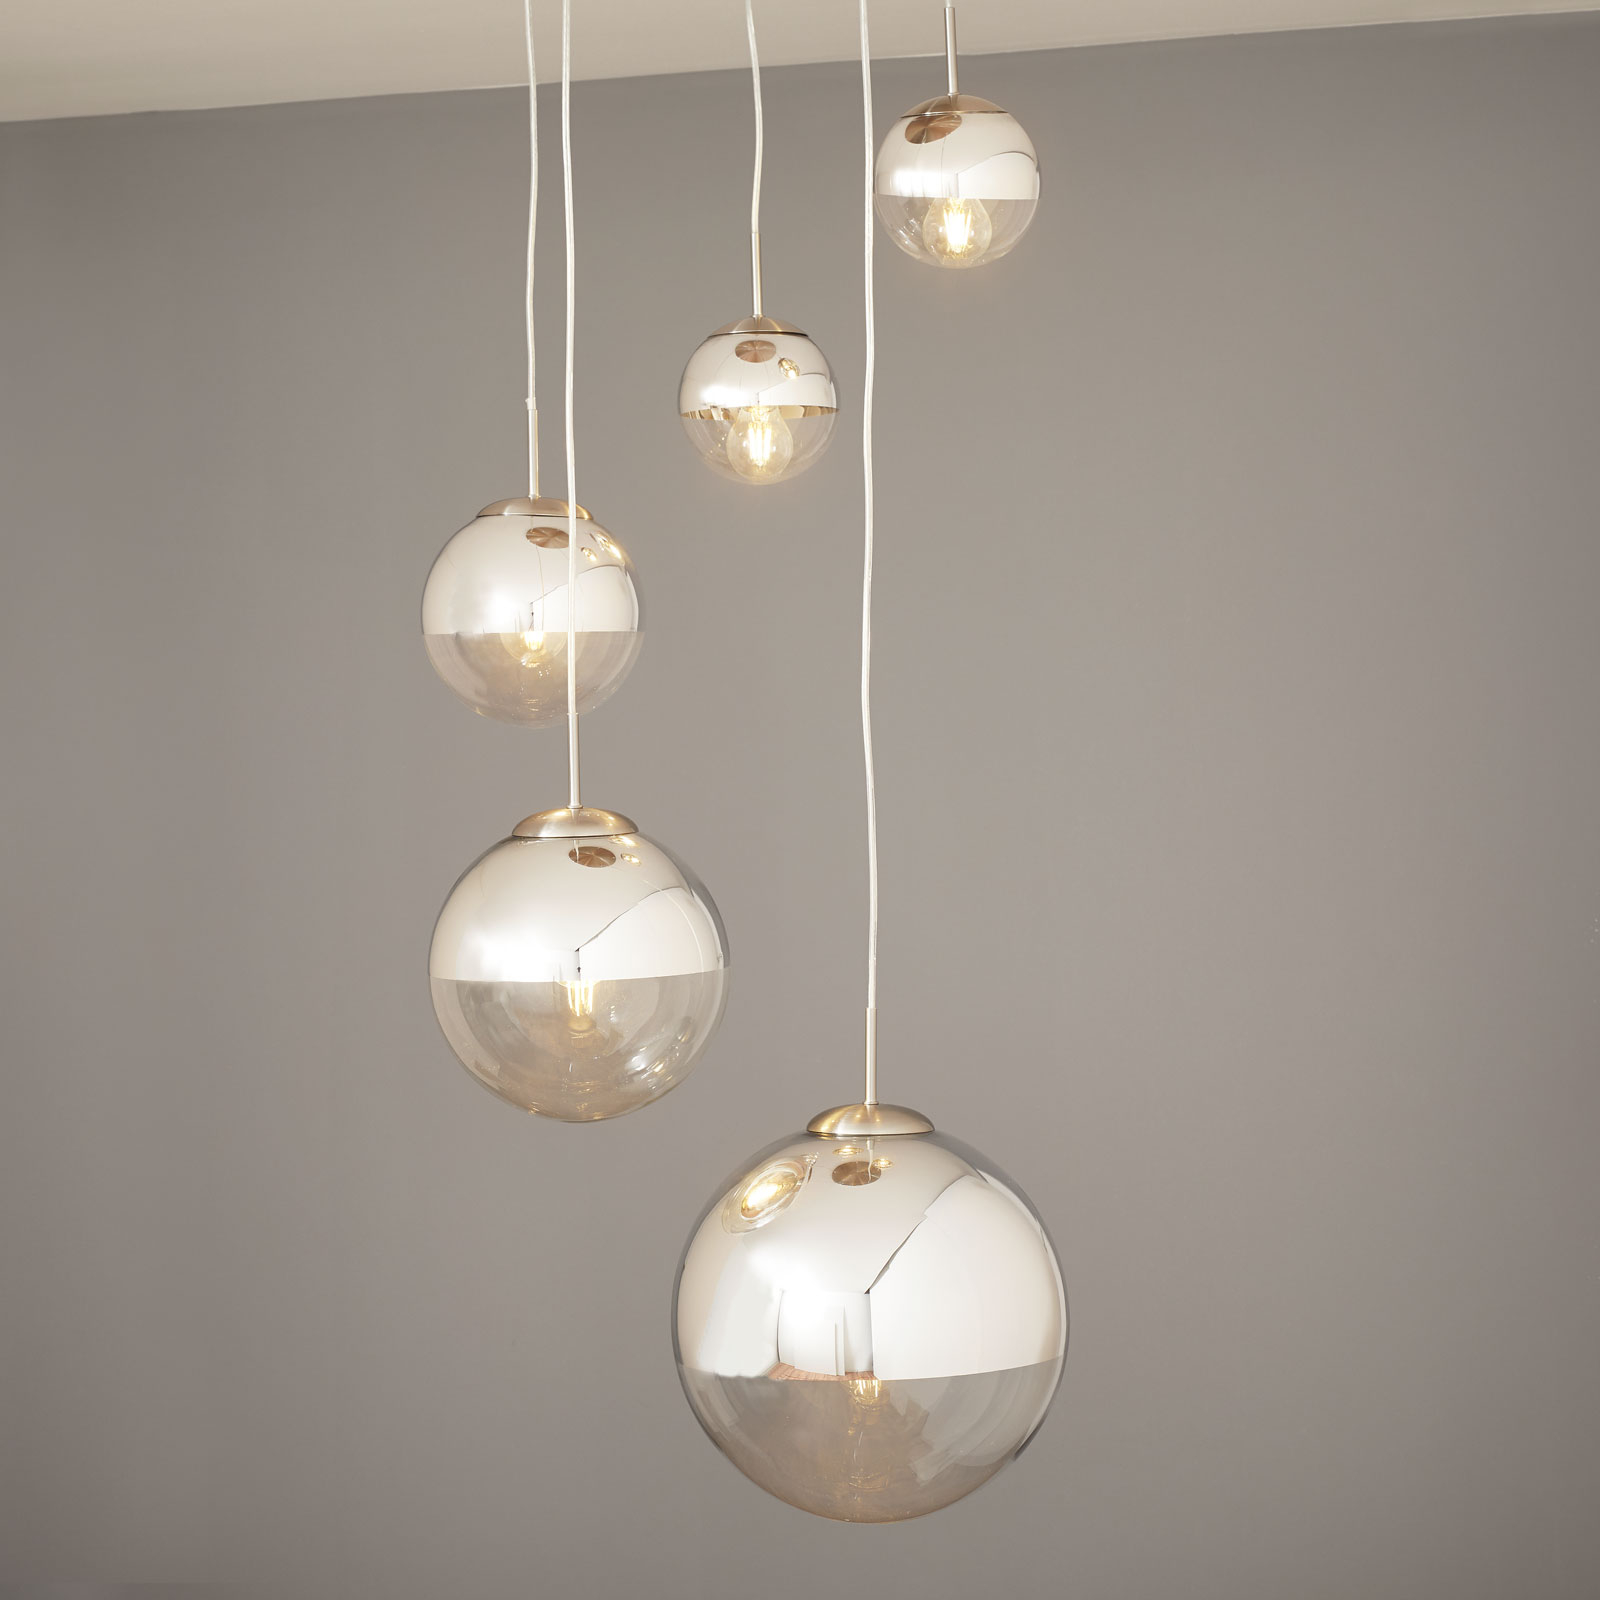 Suspension Ravena à sphères en verre, à 5 lampes